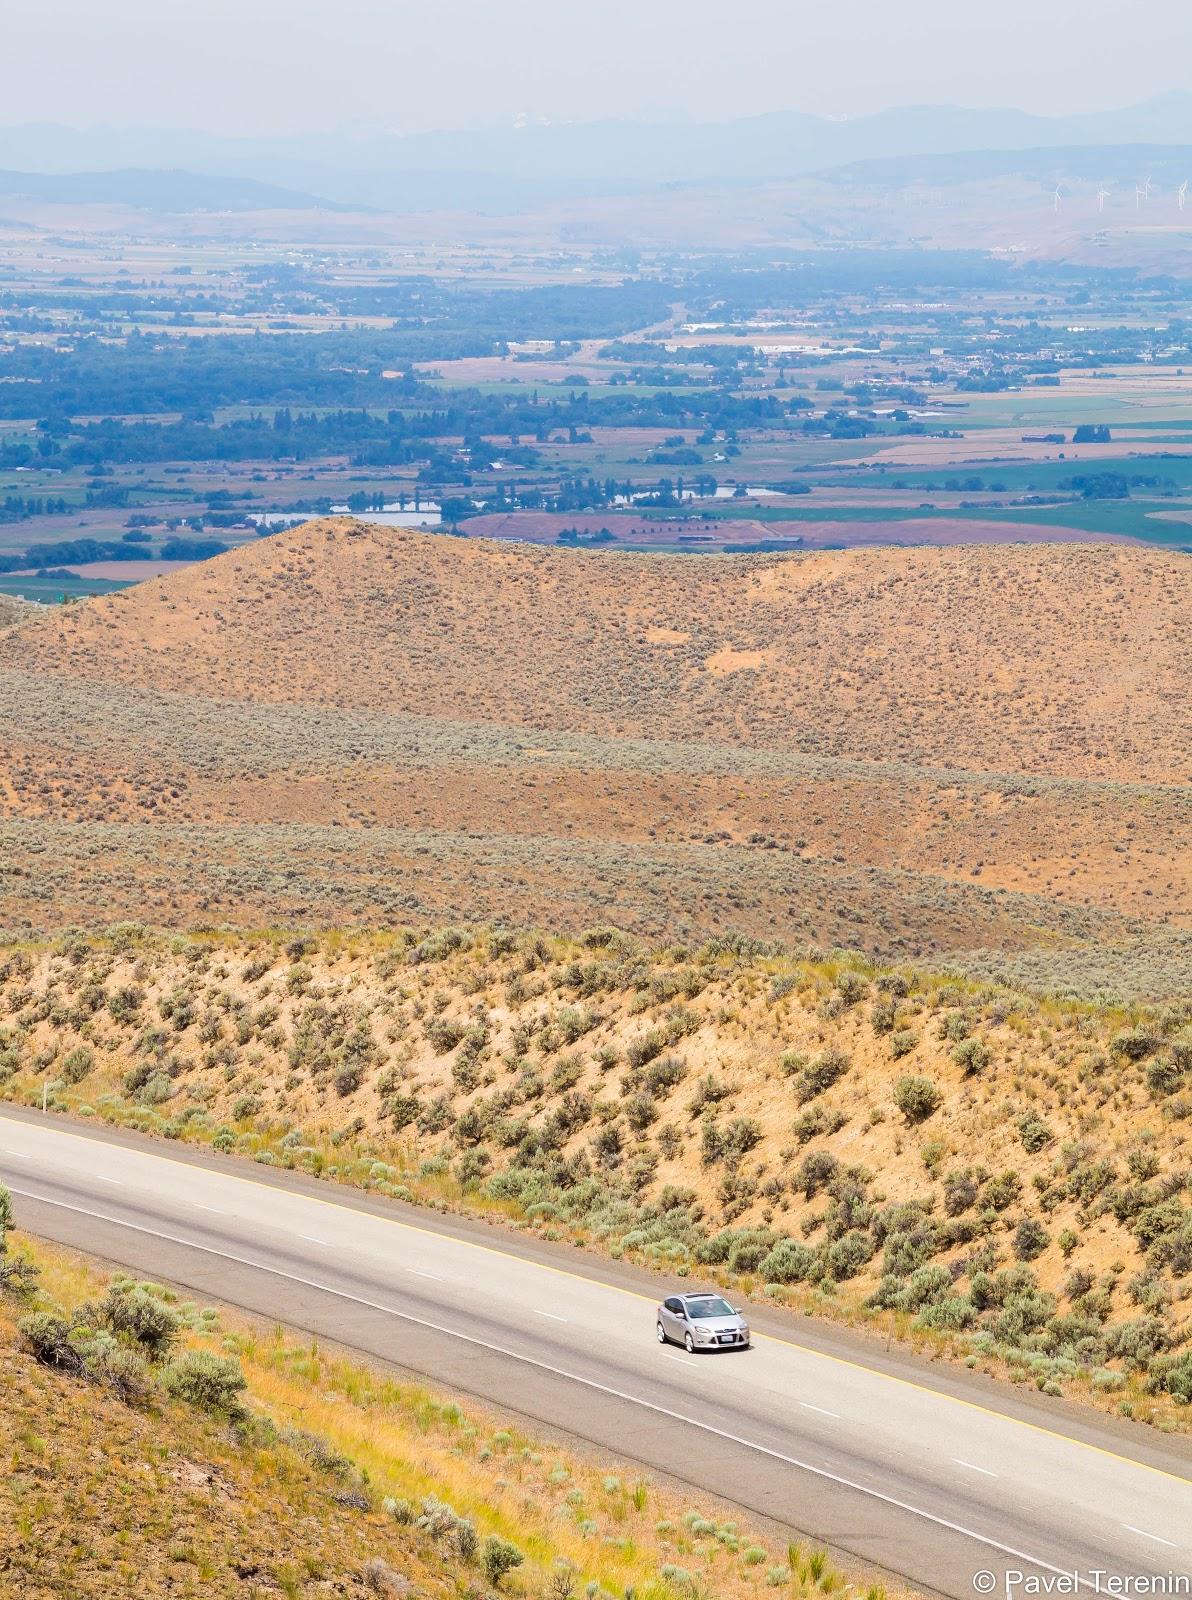 Дорога, проходящая между пустынных холмов. Очень американский пейзаж.